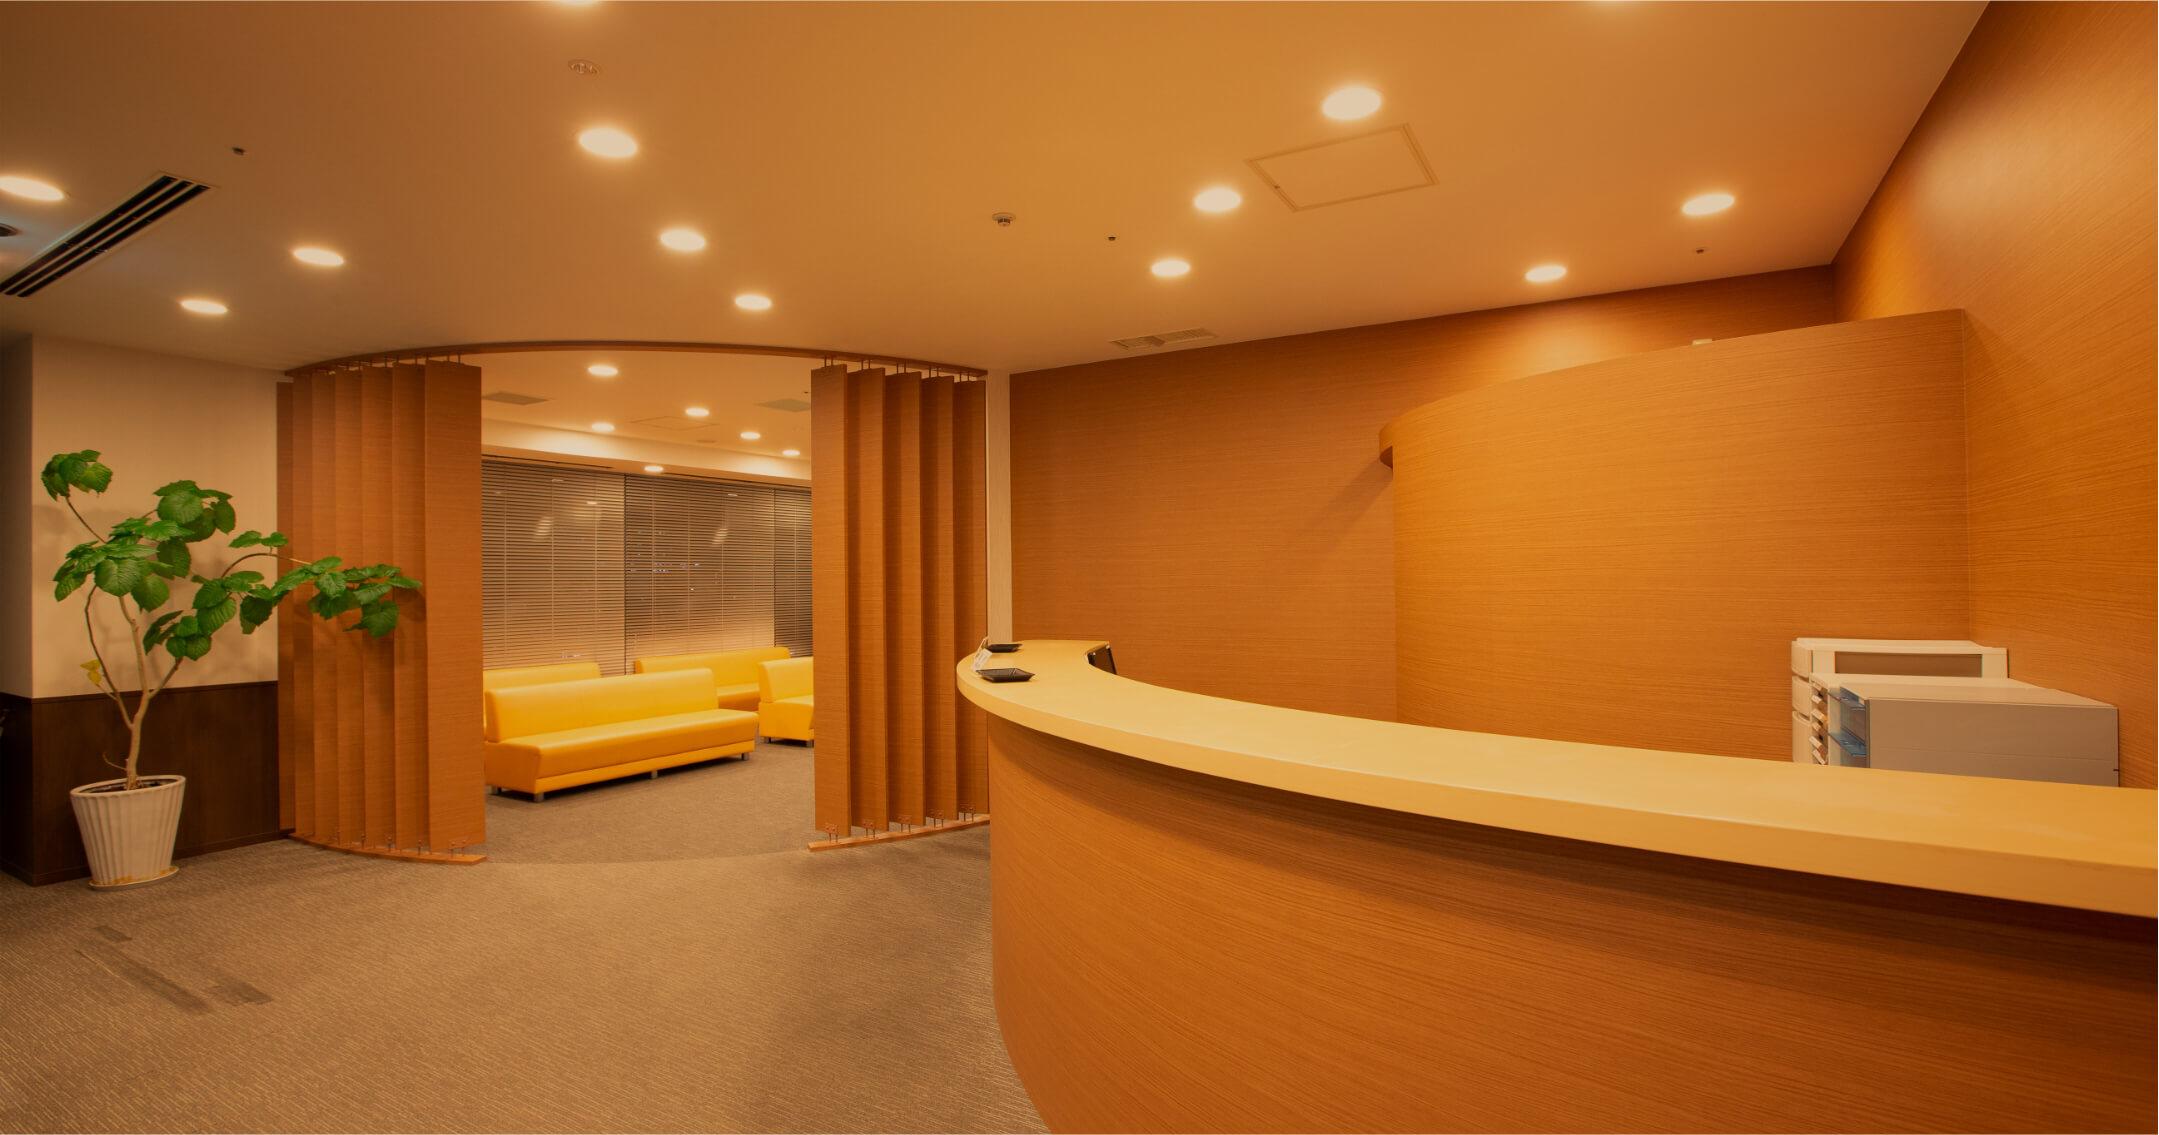 医療法人錦秀会インフュージョンクリニックのイメージ画像1